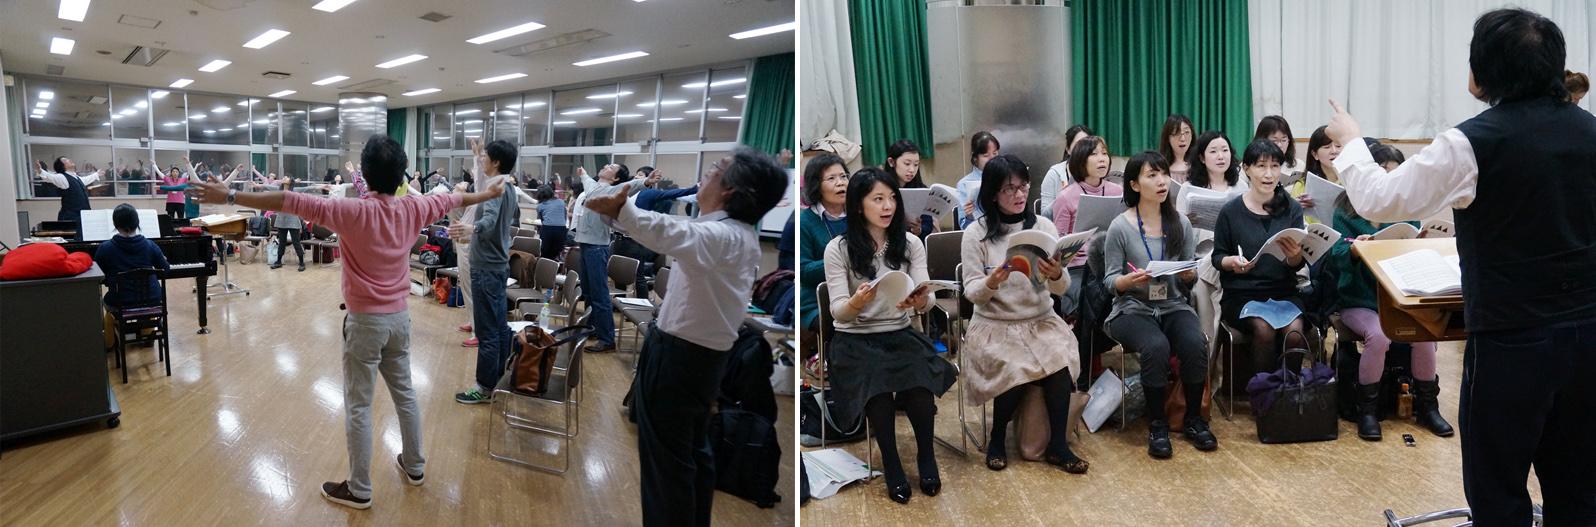 丸の内合唱団の練習風景1